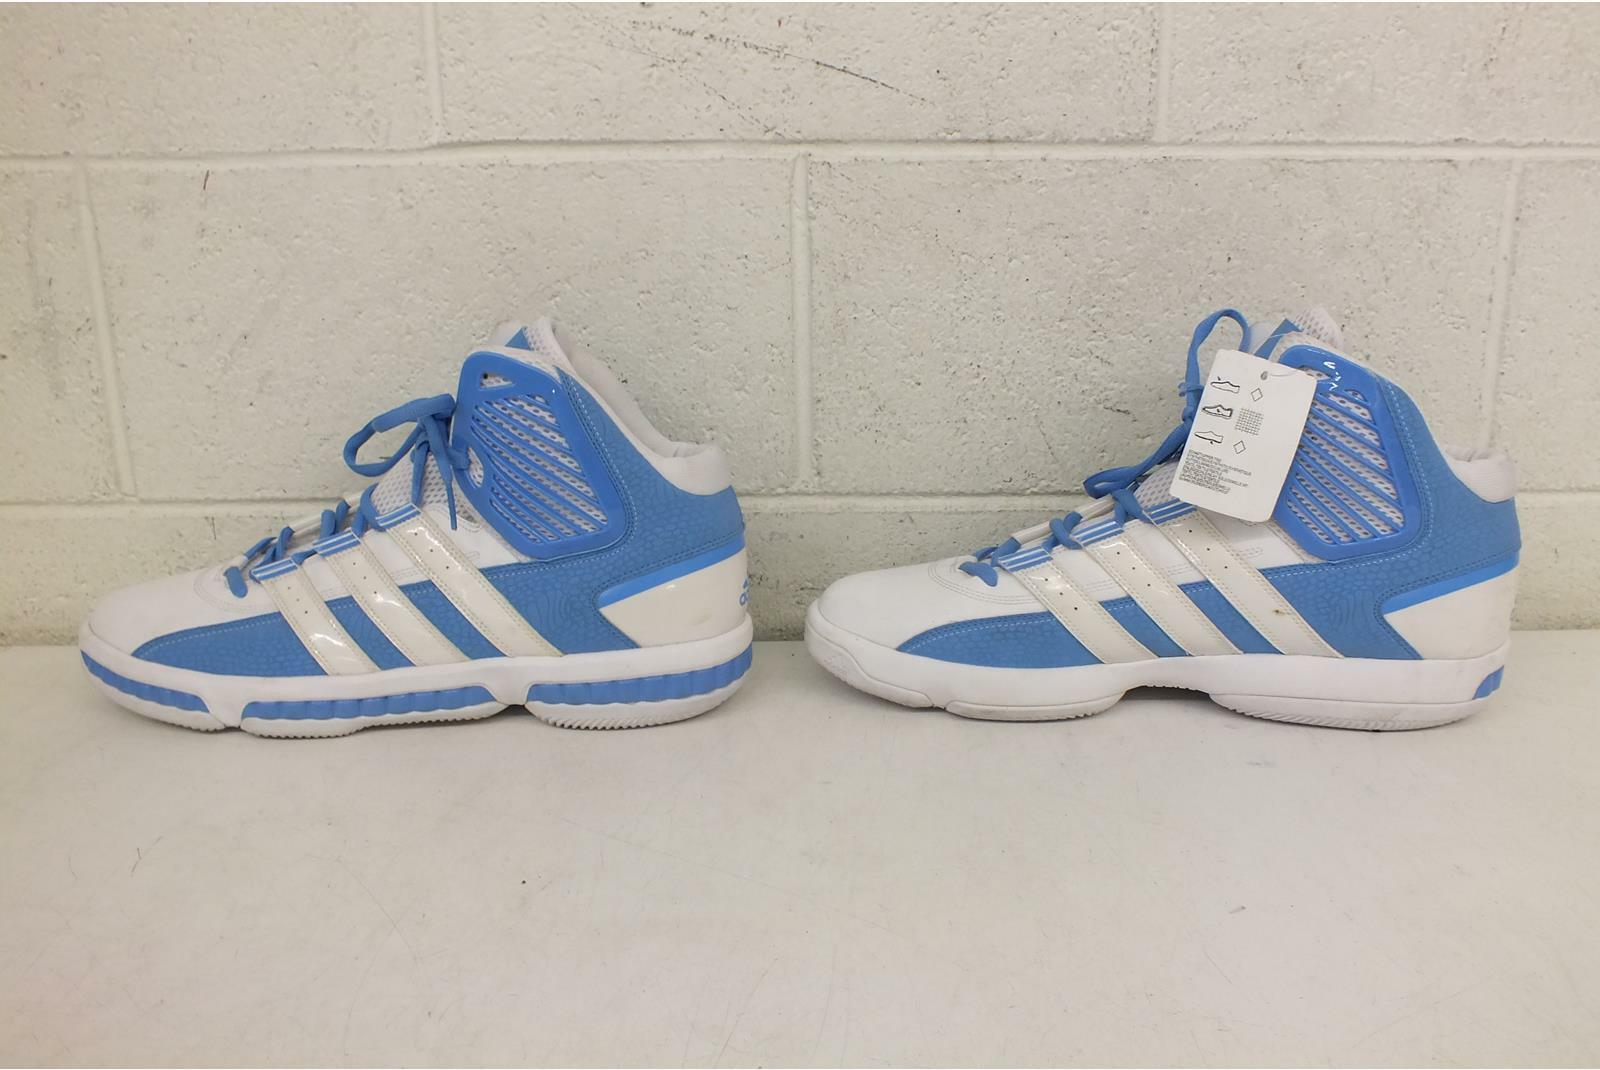 adidas misterfly white - powder blue - basketball - white schuhe und 17 / 3 neuen look 8d5995